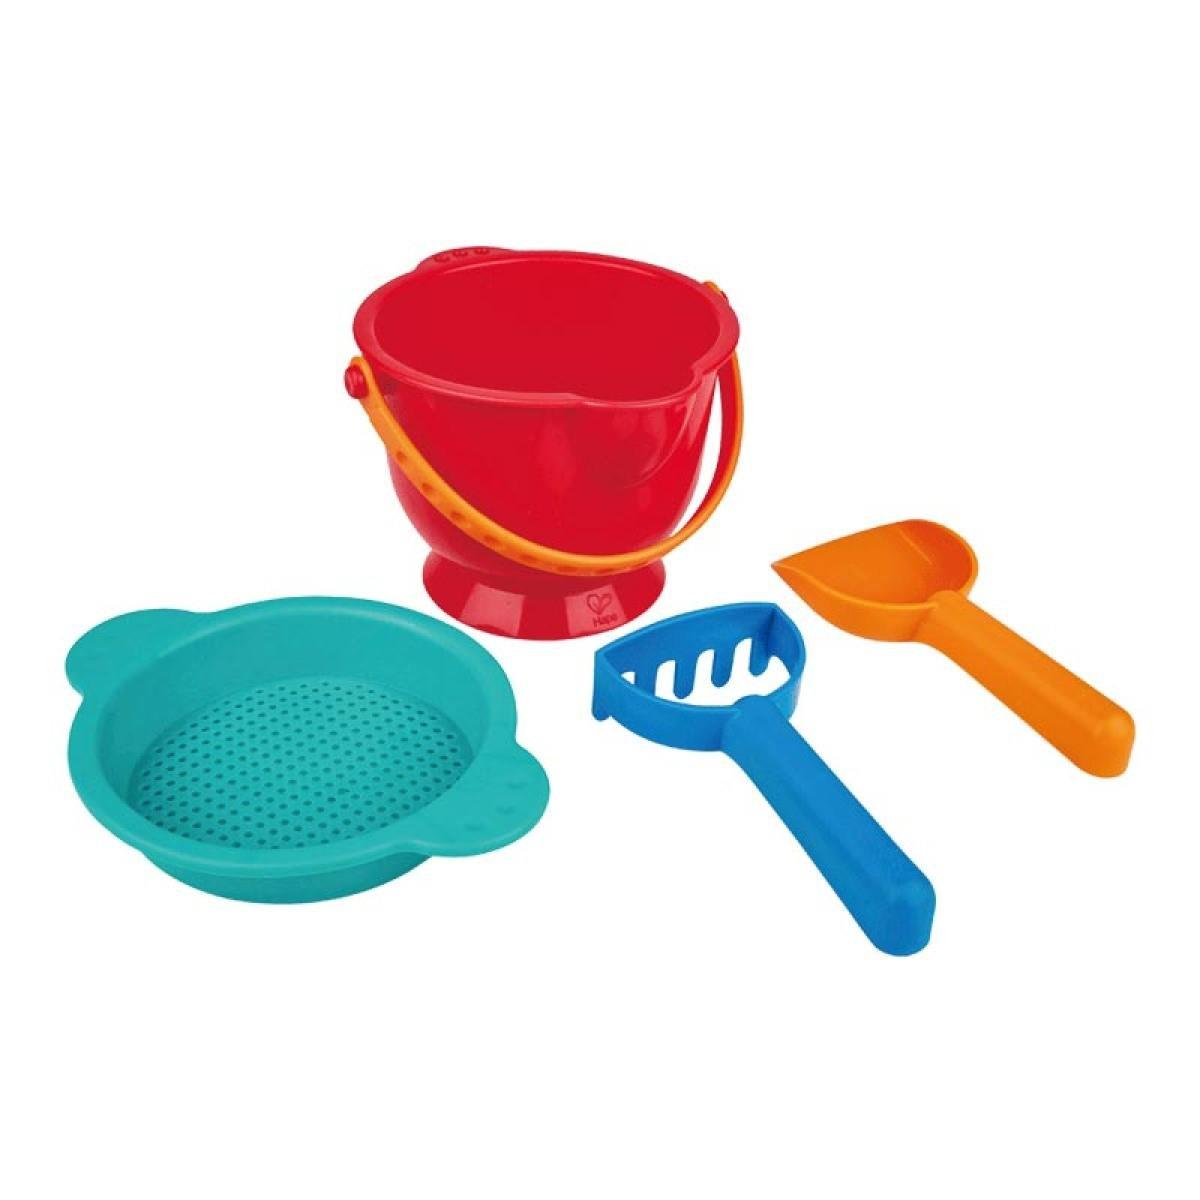 ZY MEI Juguetes de playa Juego de juguetes para playa para niños 1-2-6 Juguetes para niños Bebés y niñas pequeños Barrilete grande Juego de palas pequeñas (Color : A)